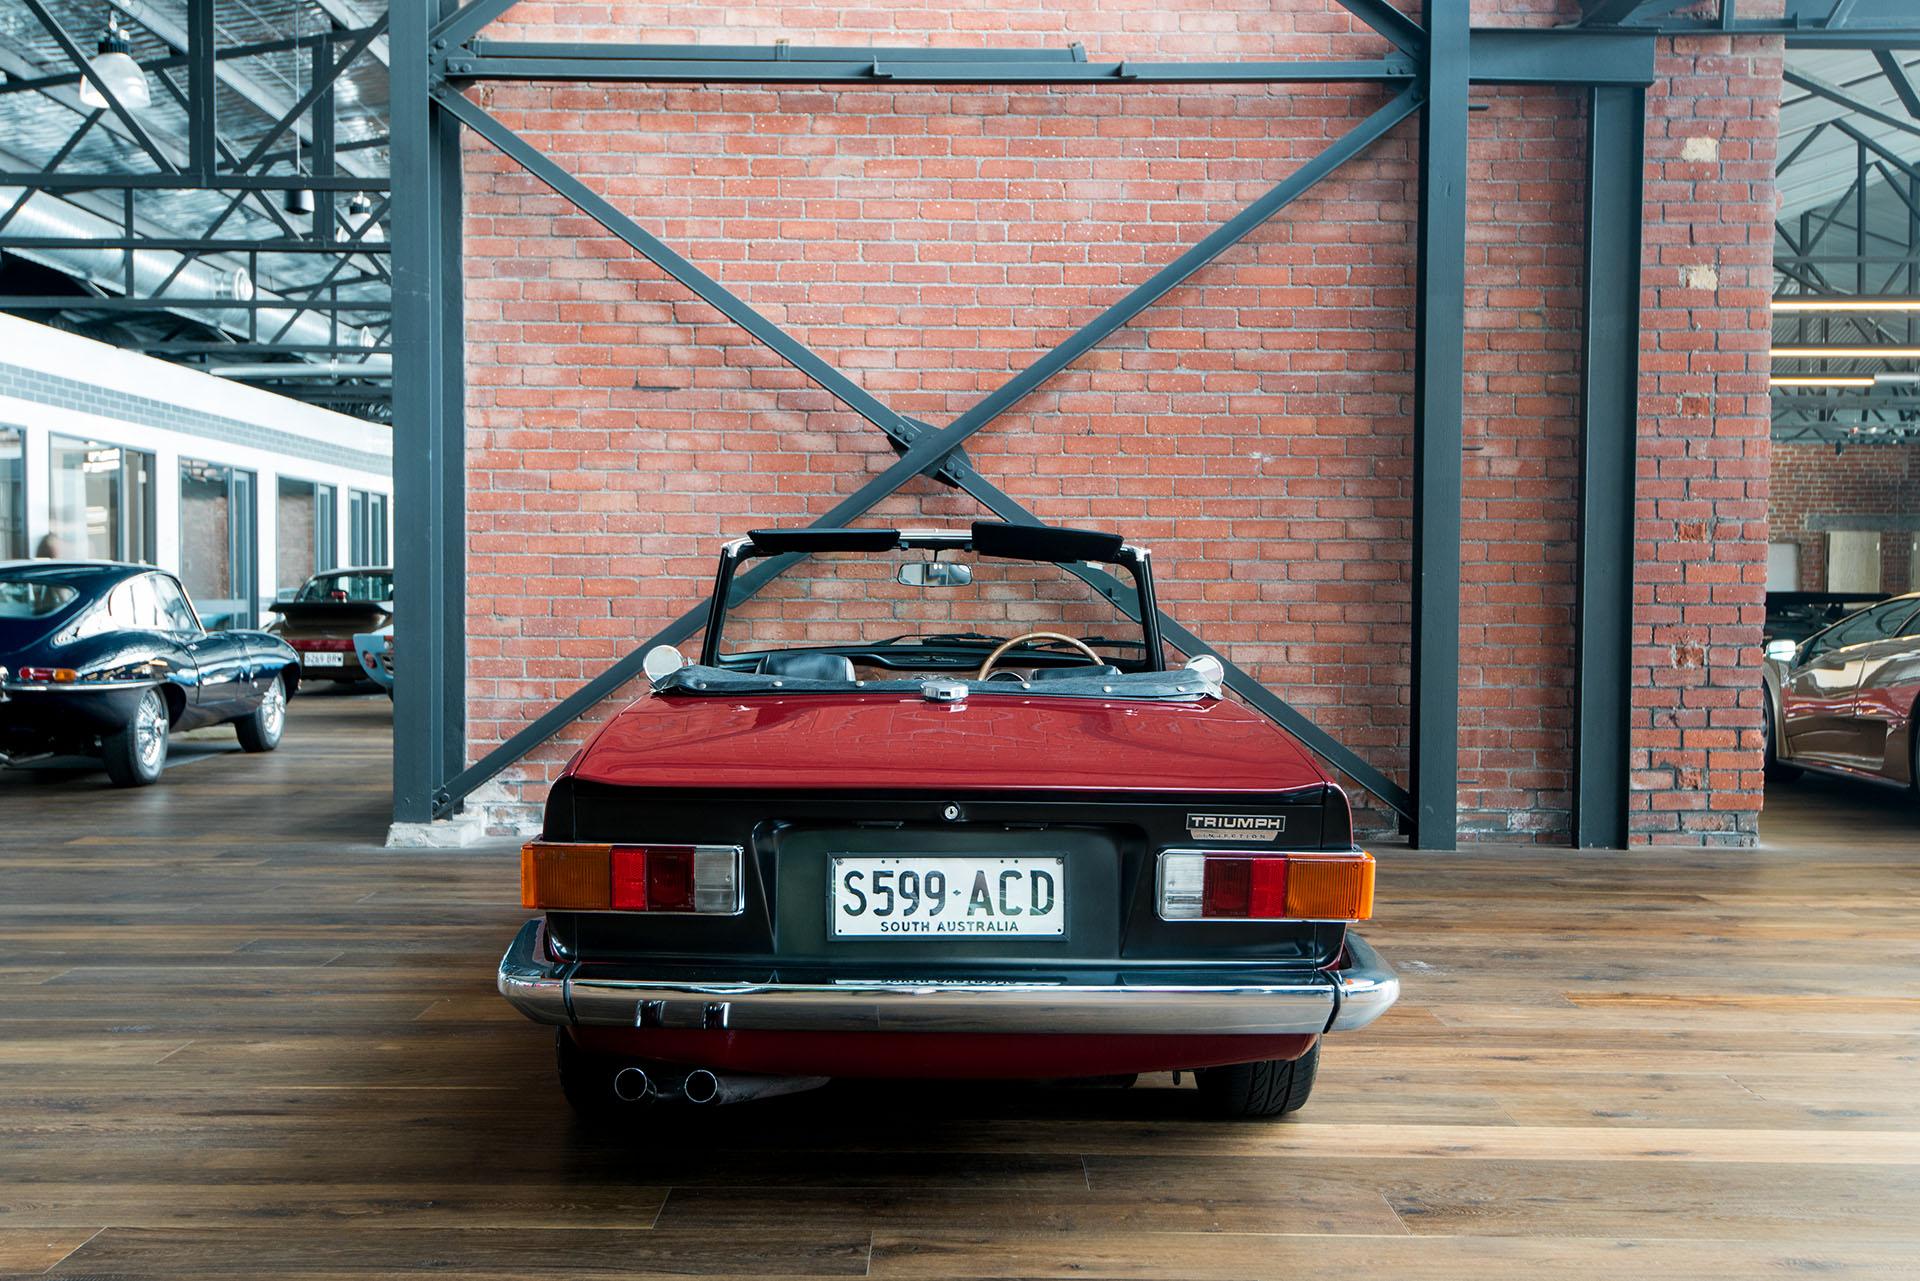 1972 Triumph TR6 - Richmonds - Classic and Prestige Cars - Storage ...